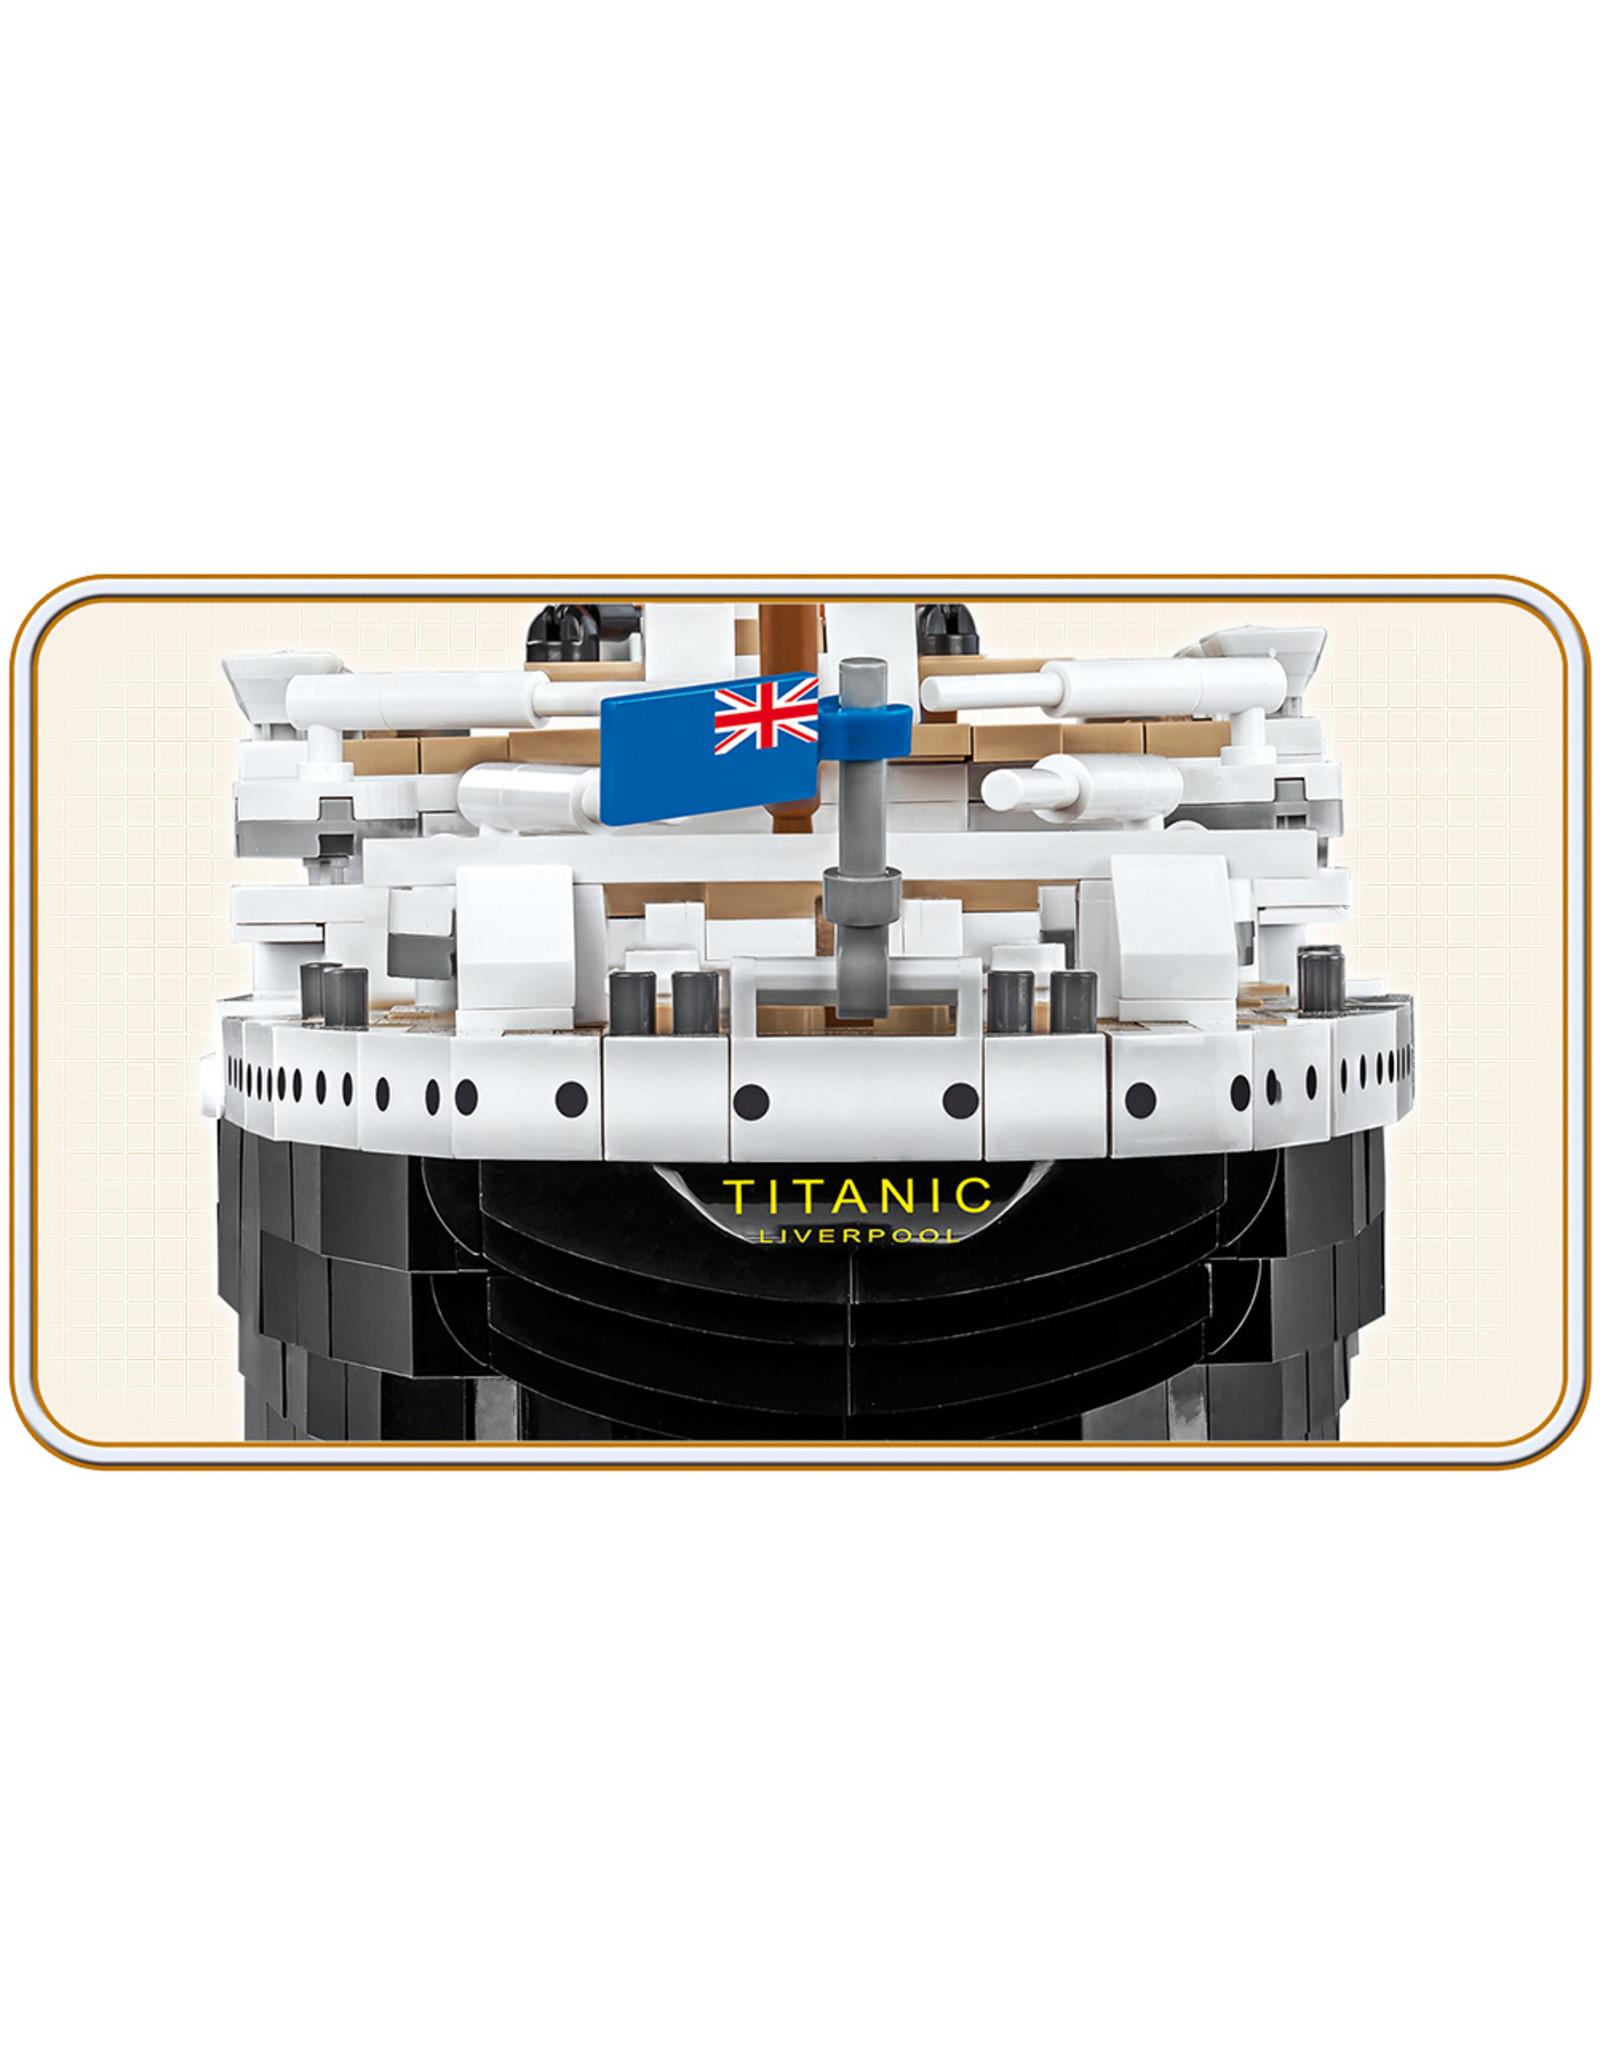 COBI COBI 1916 R.M.S. Titanic